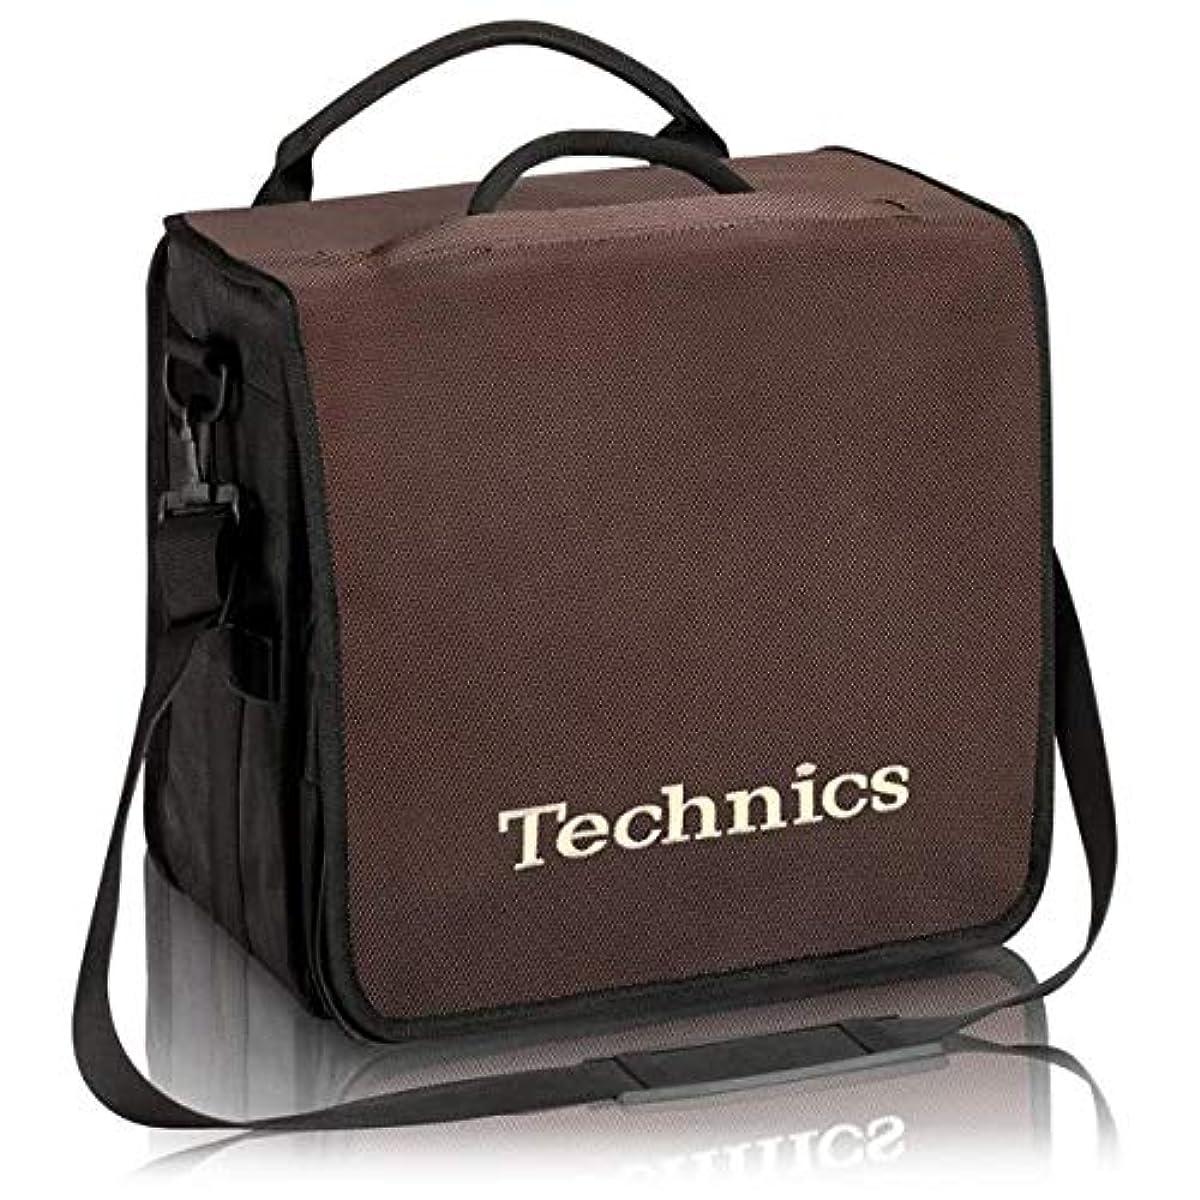 [해외] TECHNICS테크닉스 / BACKBAG BROWN/BEIGE 레코드 약60 매수납가 레코드 화이트